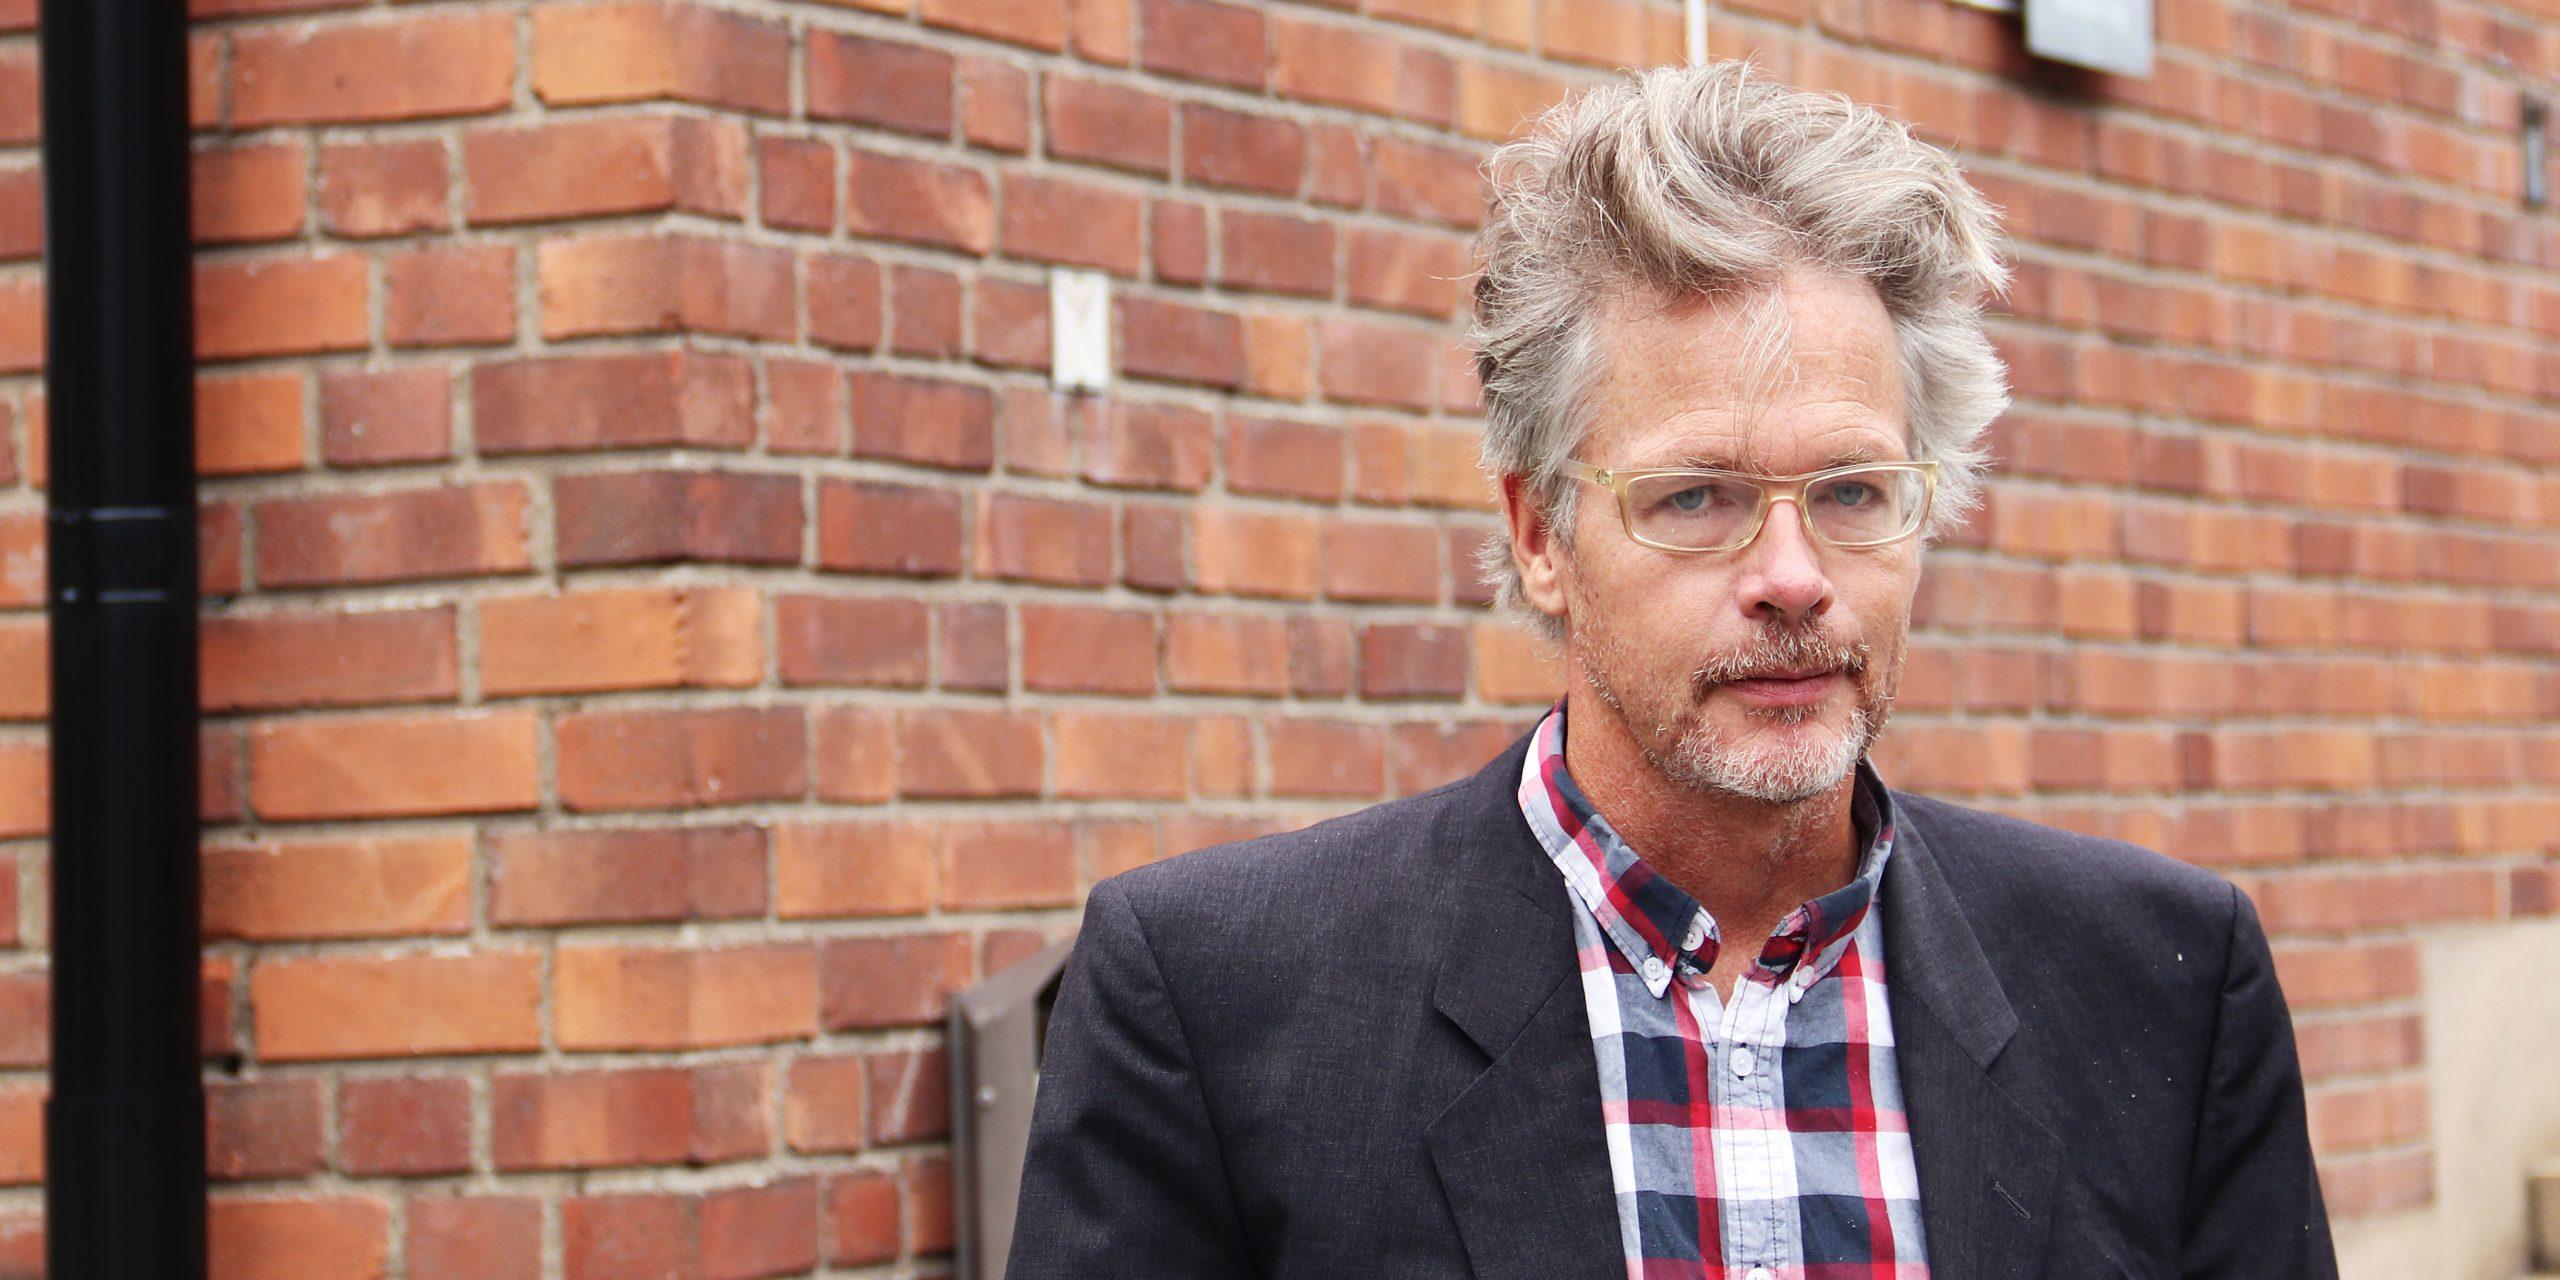 Porträtt på Överläkare Martin Csatlós, specialist i rättsmedicin på Rättsmedicinalverkets rättsmedicinska enhet i Stockholm.